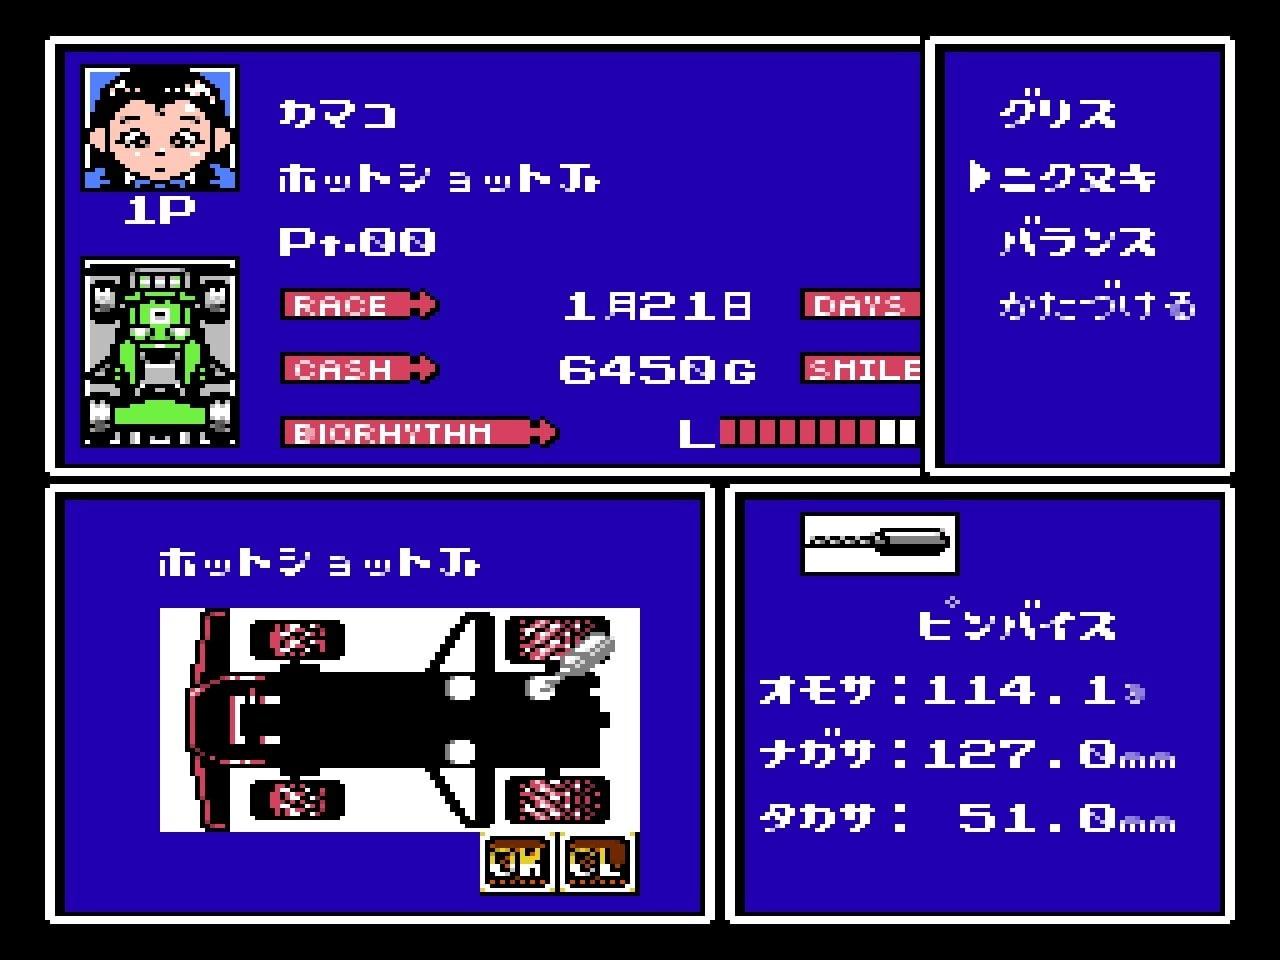 『ダッシュ四駆郎』世代を直撃! ファミコン『レーサーミニ四駆 ジャパンカップ』の意外性のある面白さの画像005